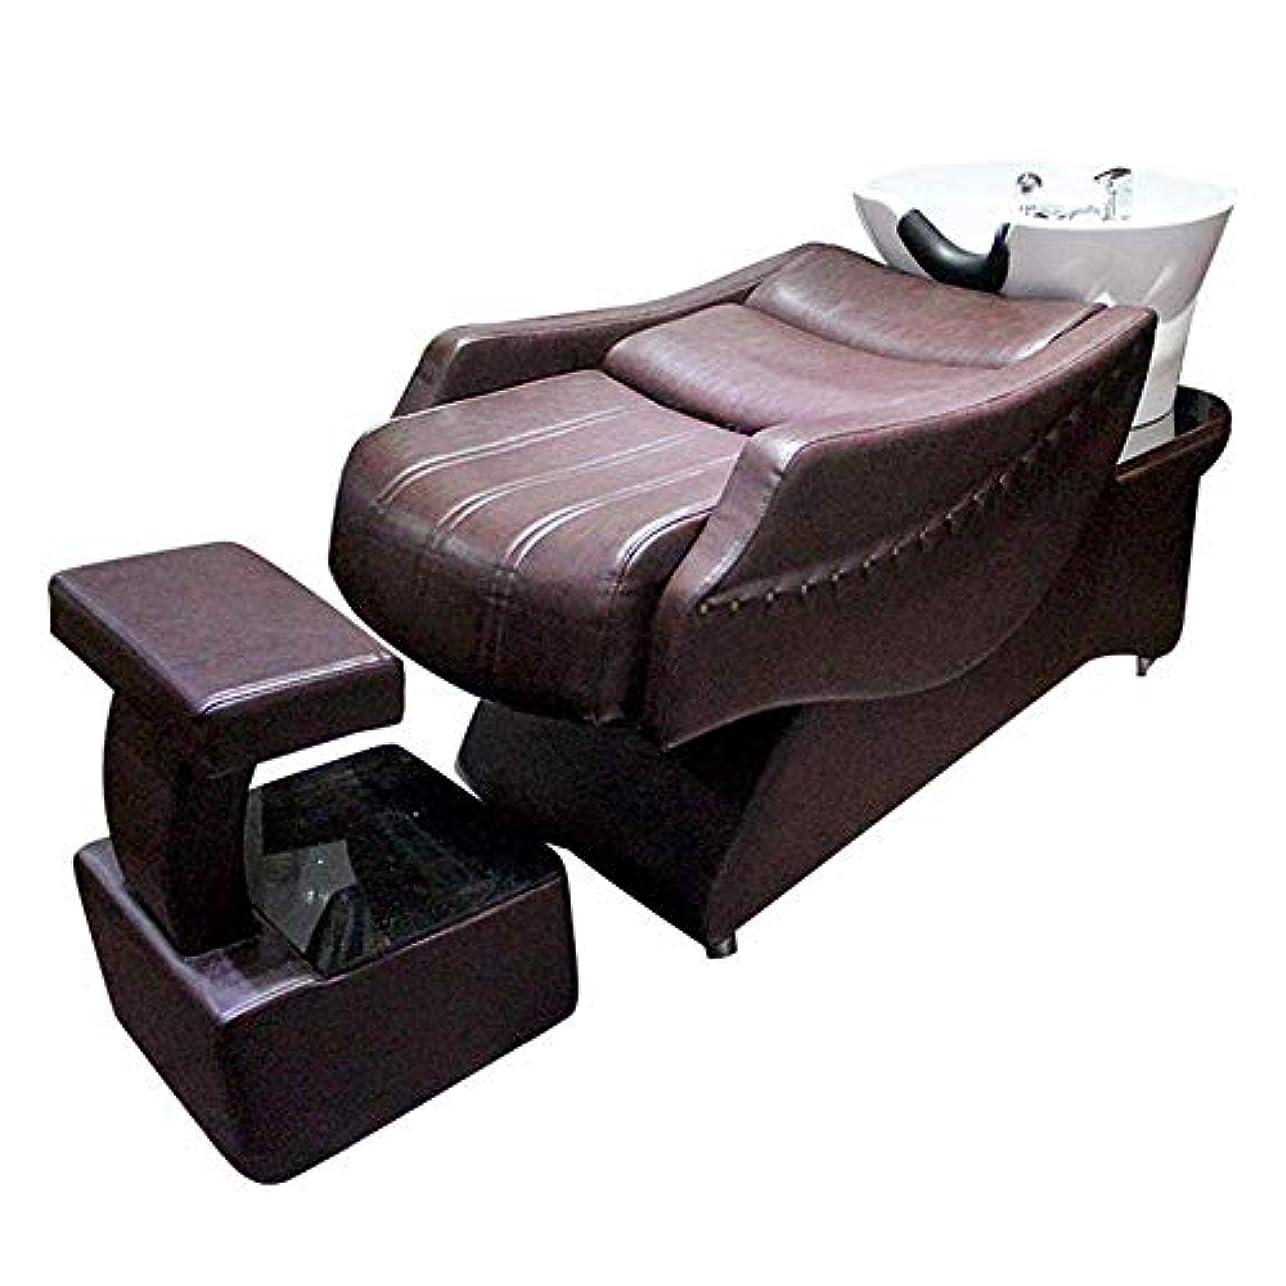 わずらわしい貢献する液化するシャンプーチェア、 高級な半横たわるシャンプーベッド逆洗ユニットシャンプーボウル理髪シンク椅子用スパビューティーサロン機器